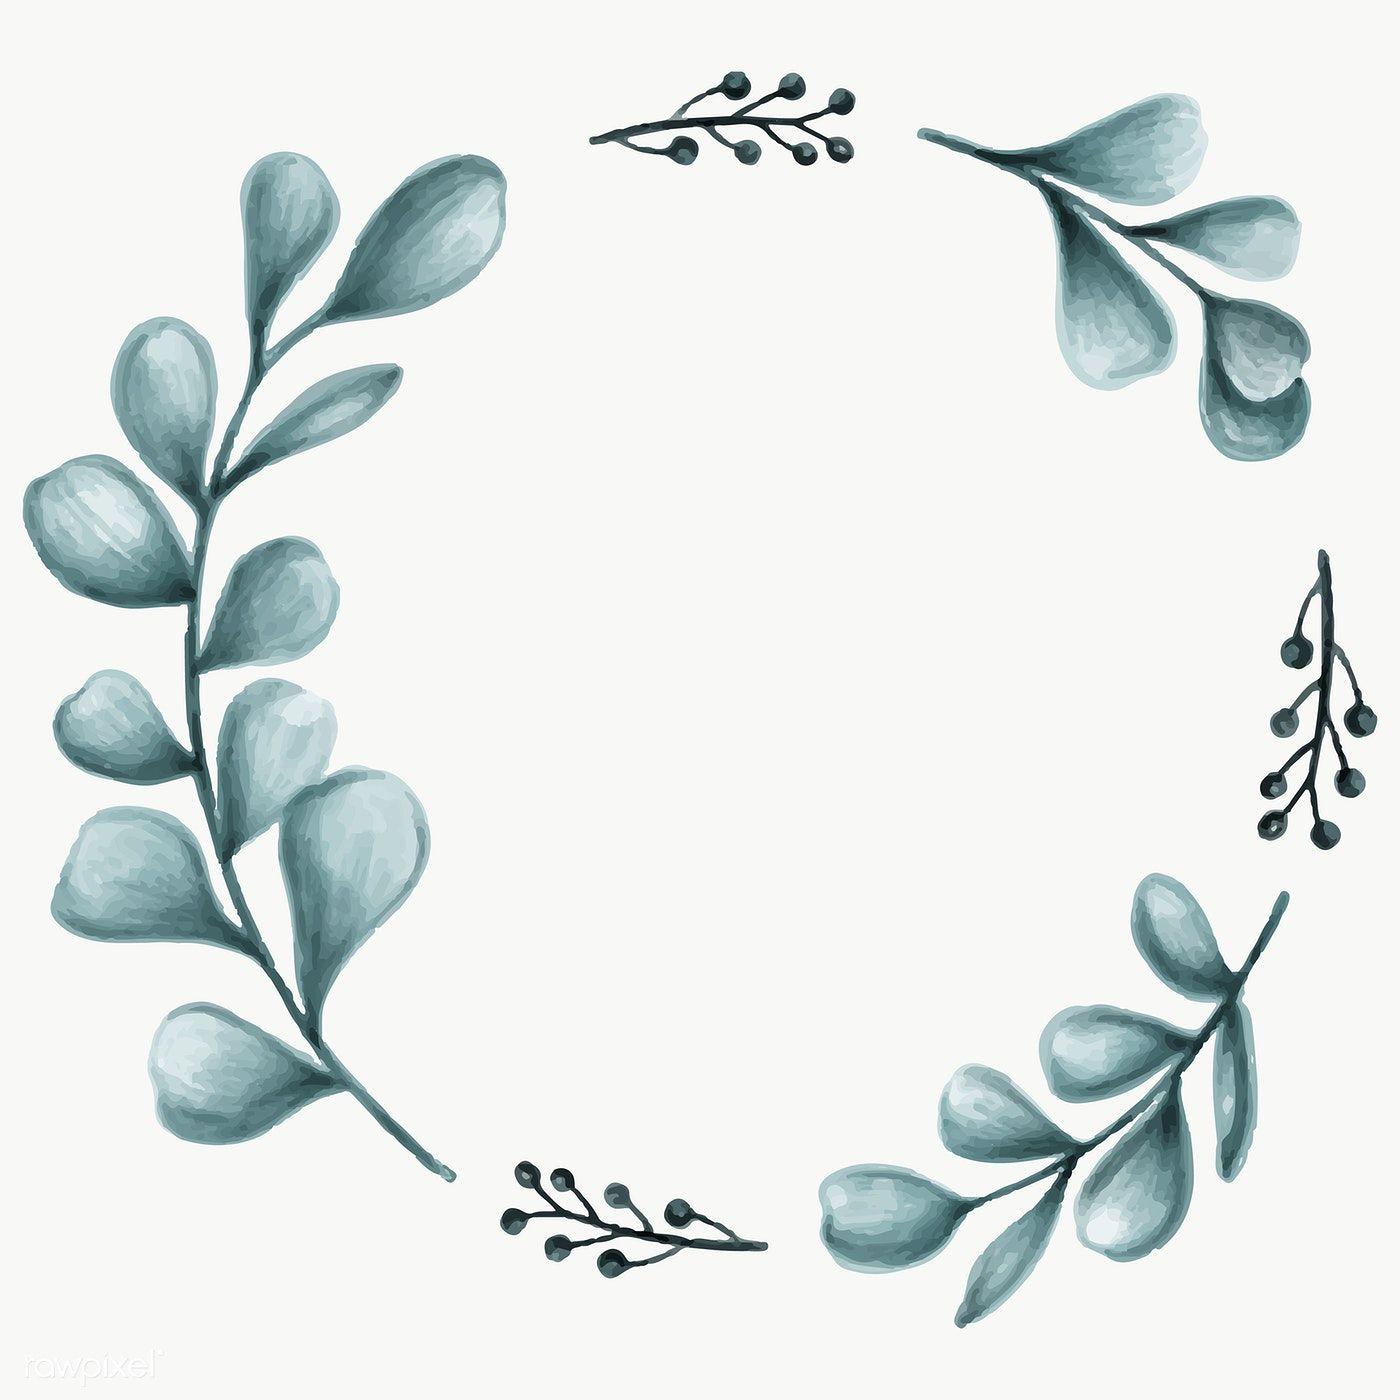 Minimal Leaves Frame Transparent Png Premium Image By Rawpixel Com Noon Flower Illustration Green Leaf Background Leaves Illustration